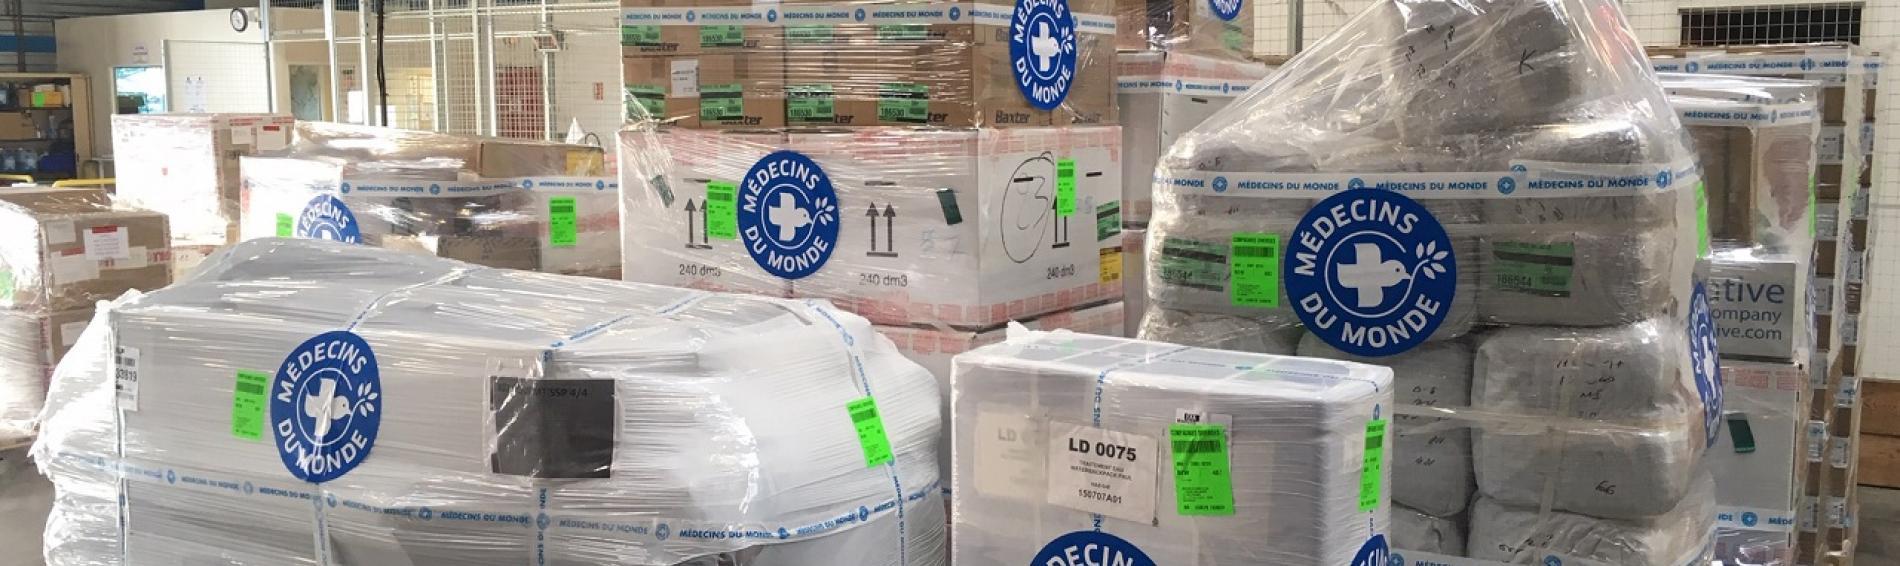 Distribución de ayuda de emergencia en desastre natural